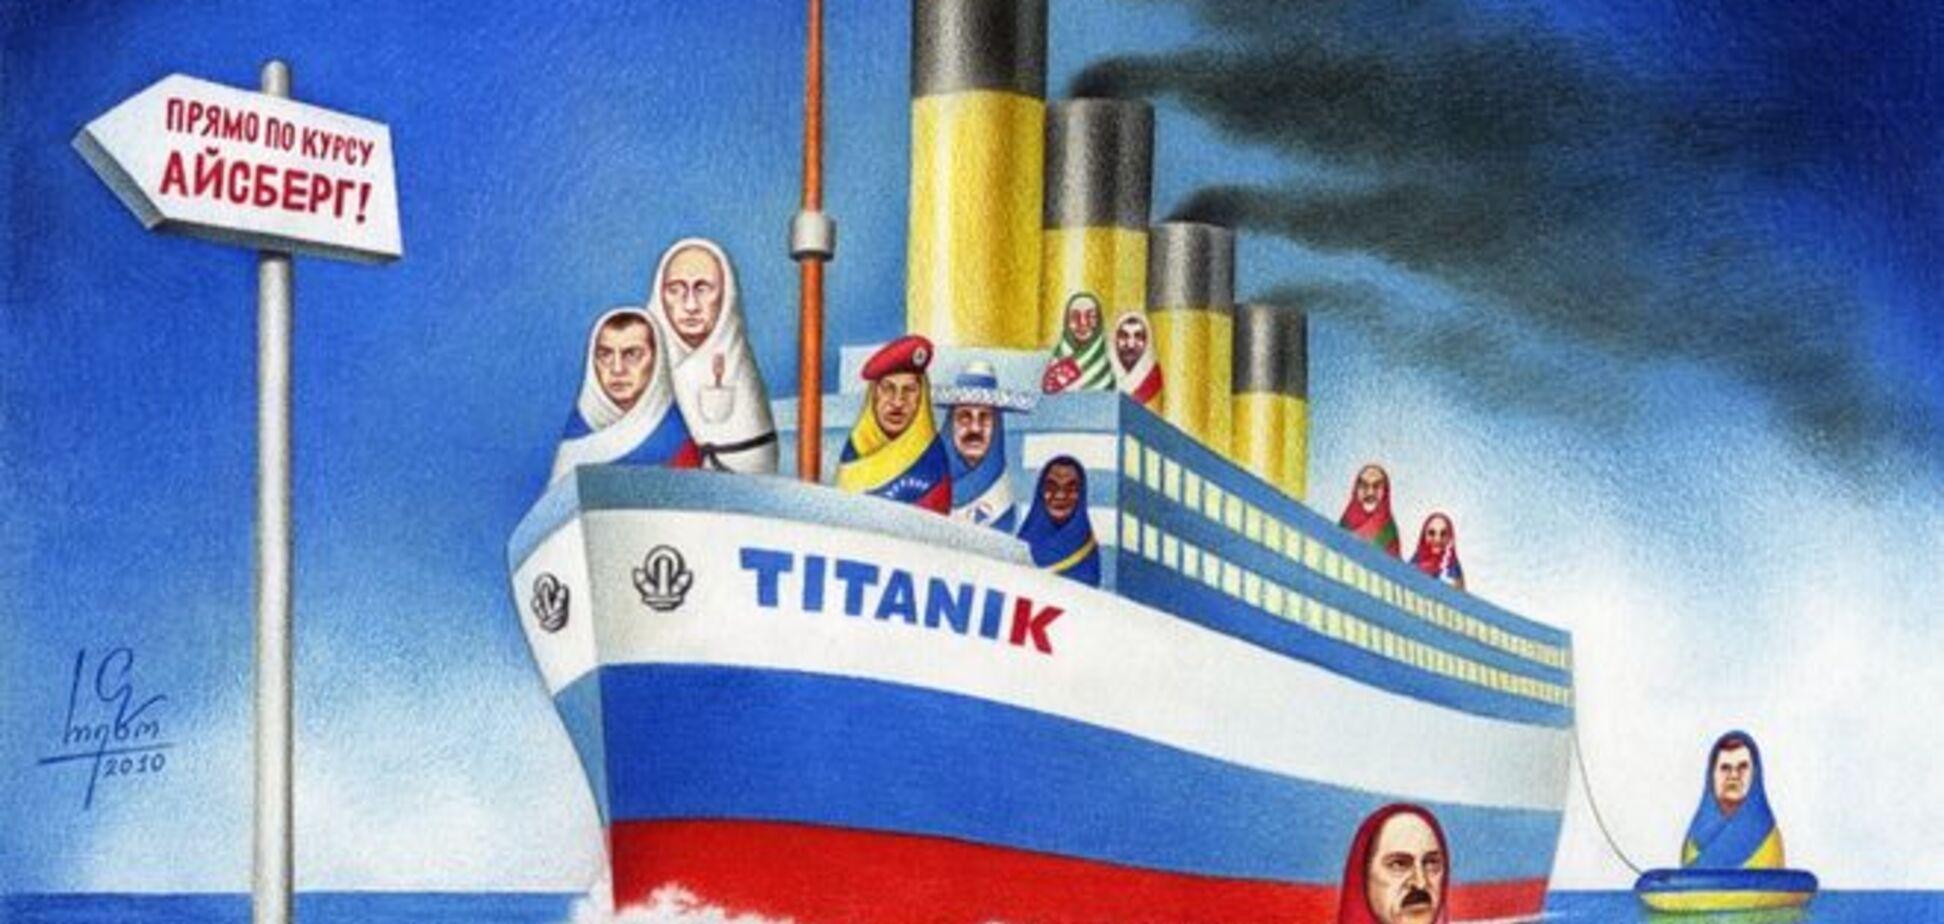 Россия идет ко дну, как 'Титаник'